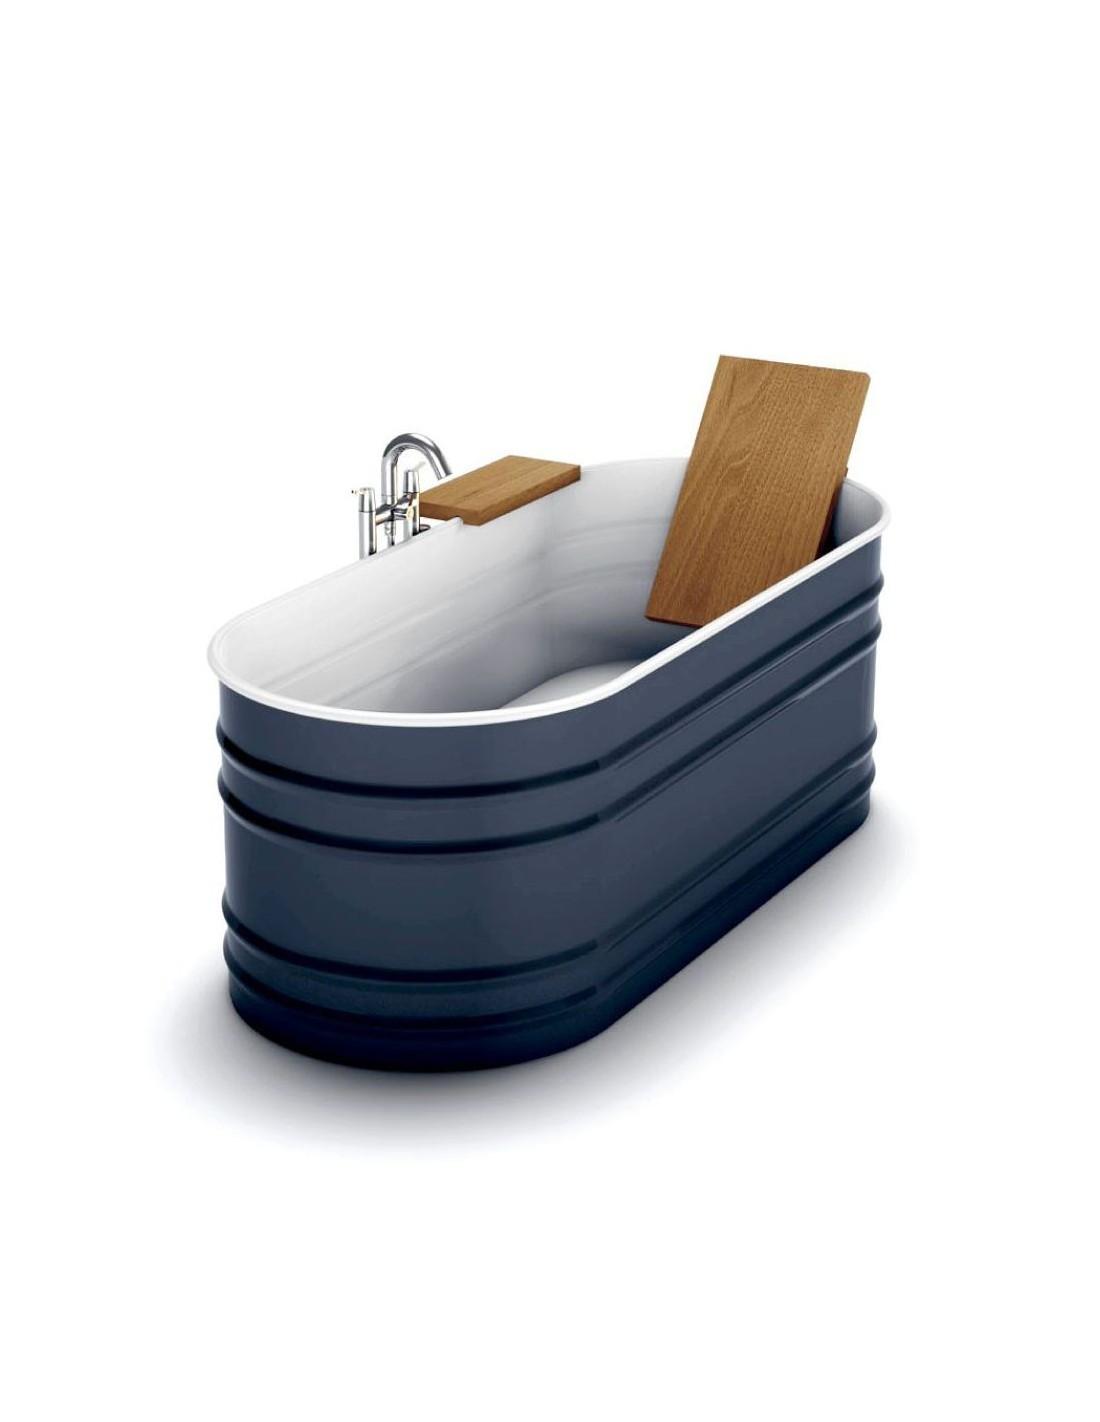 dossier pour baignoire vieques  de la marque Agape